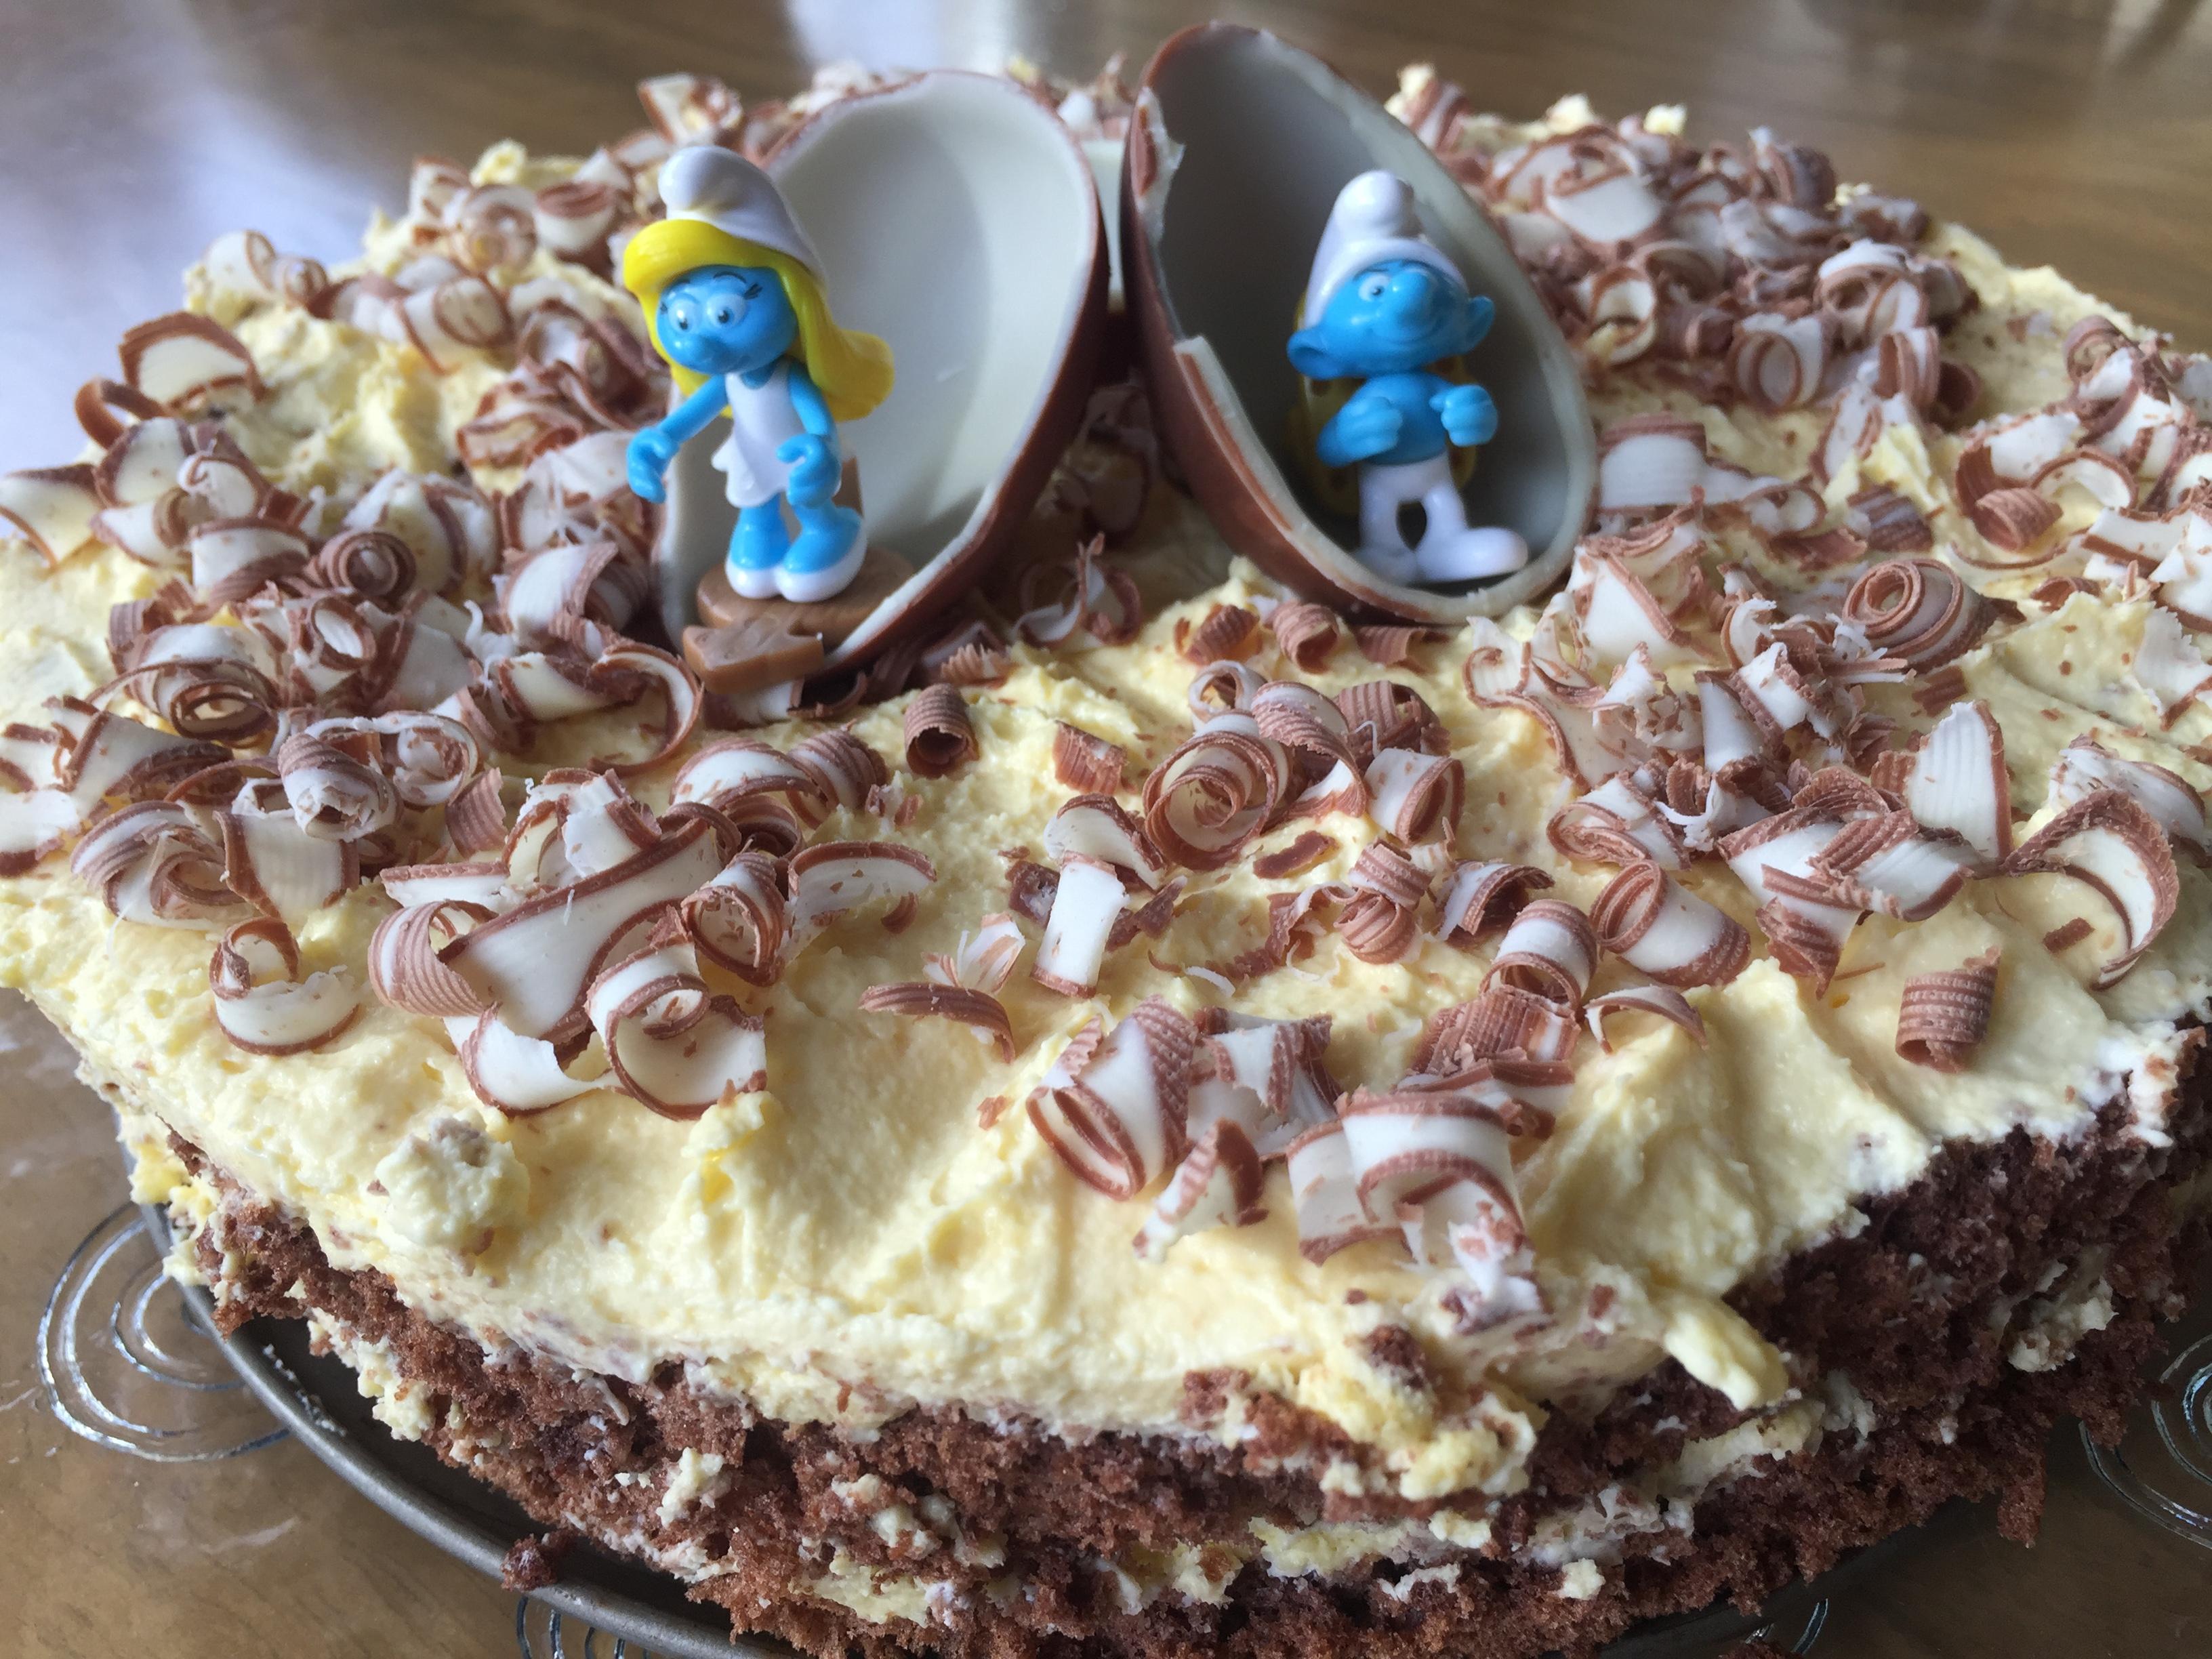 kuchen mit einem ei